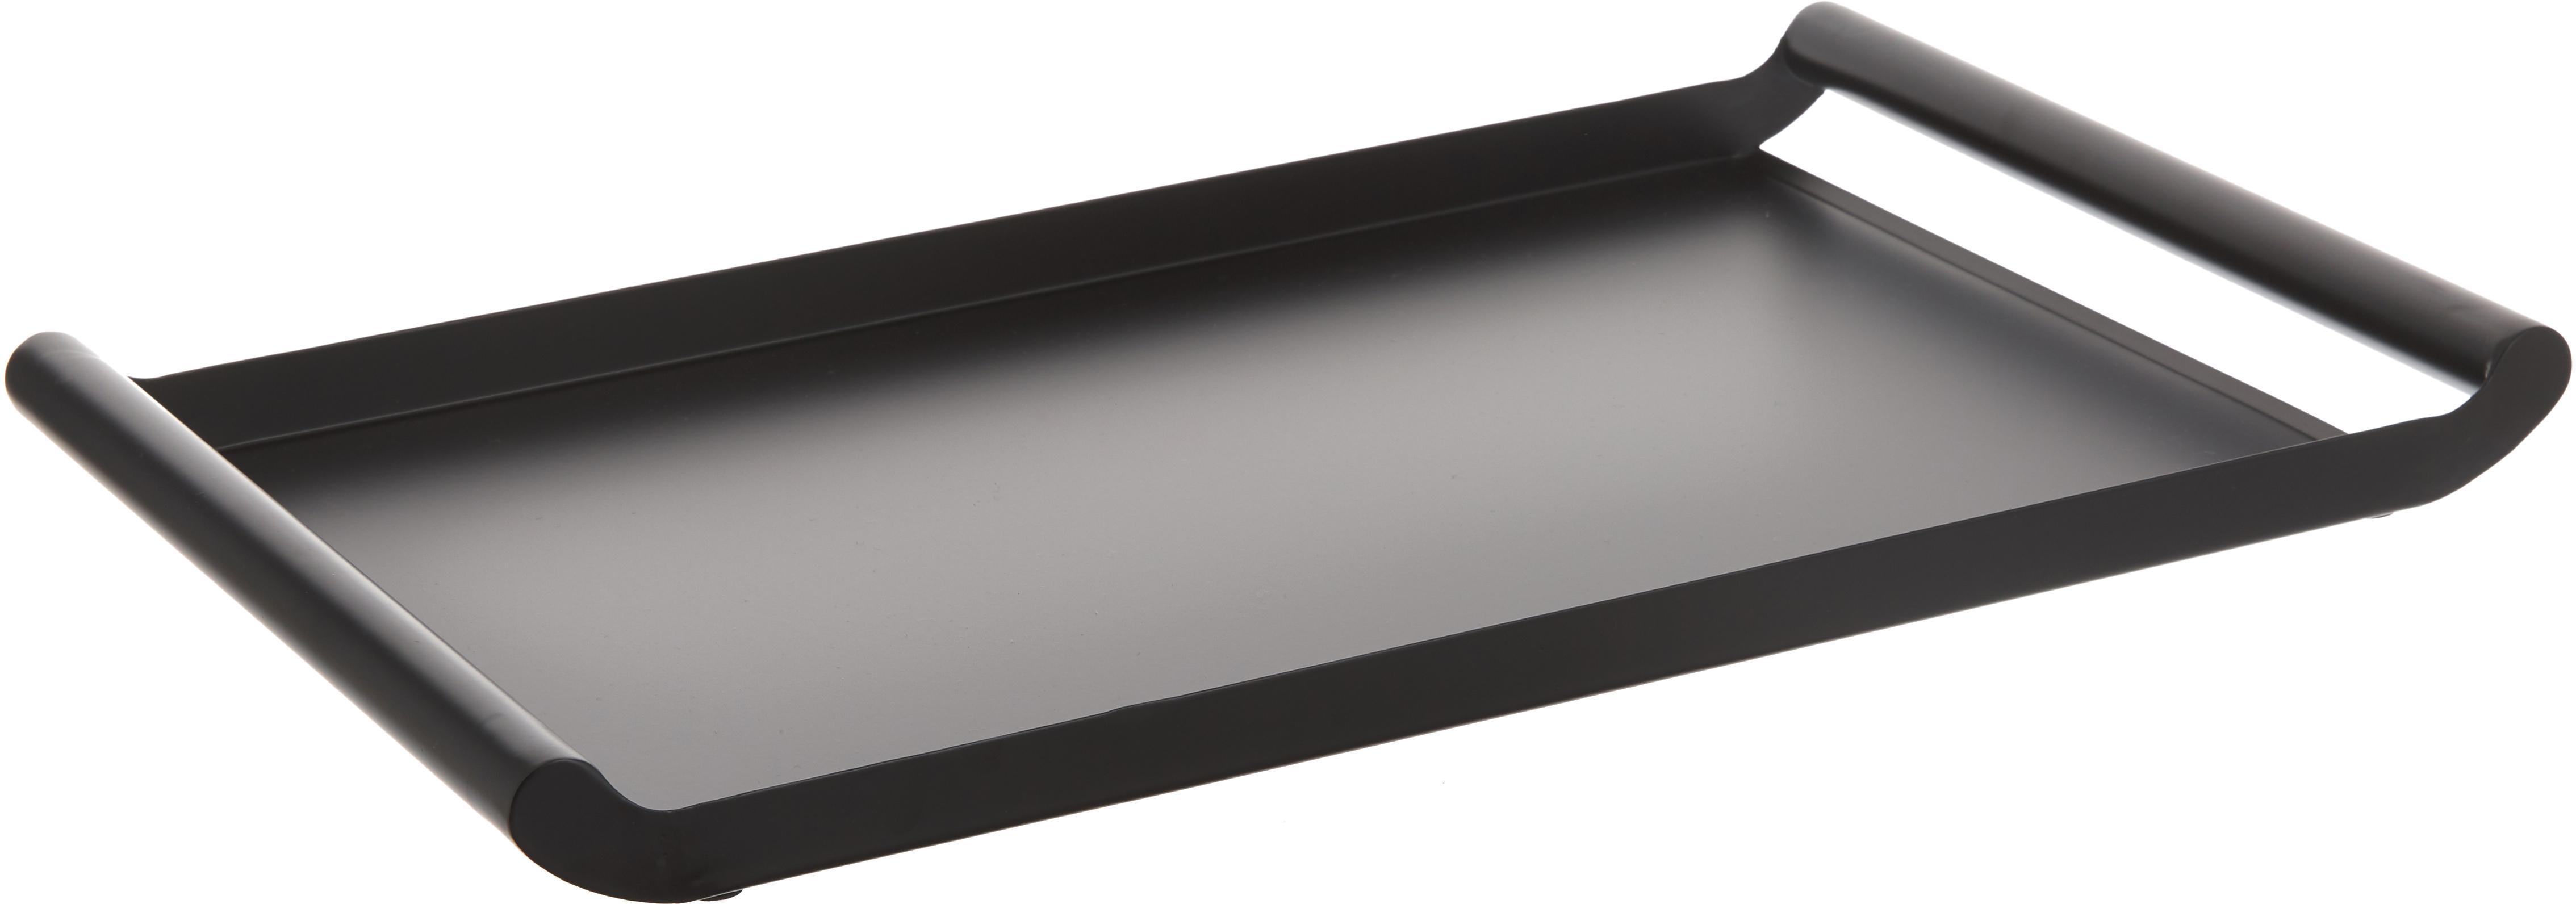 Serviertablett Charlie in Schwarz, Metall, beschichtet, Schwarz, B 50 x T 30 cm